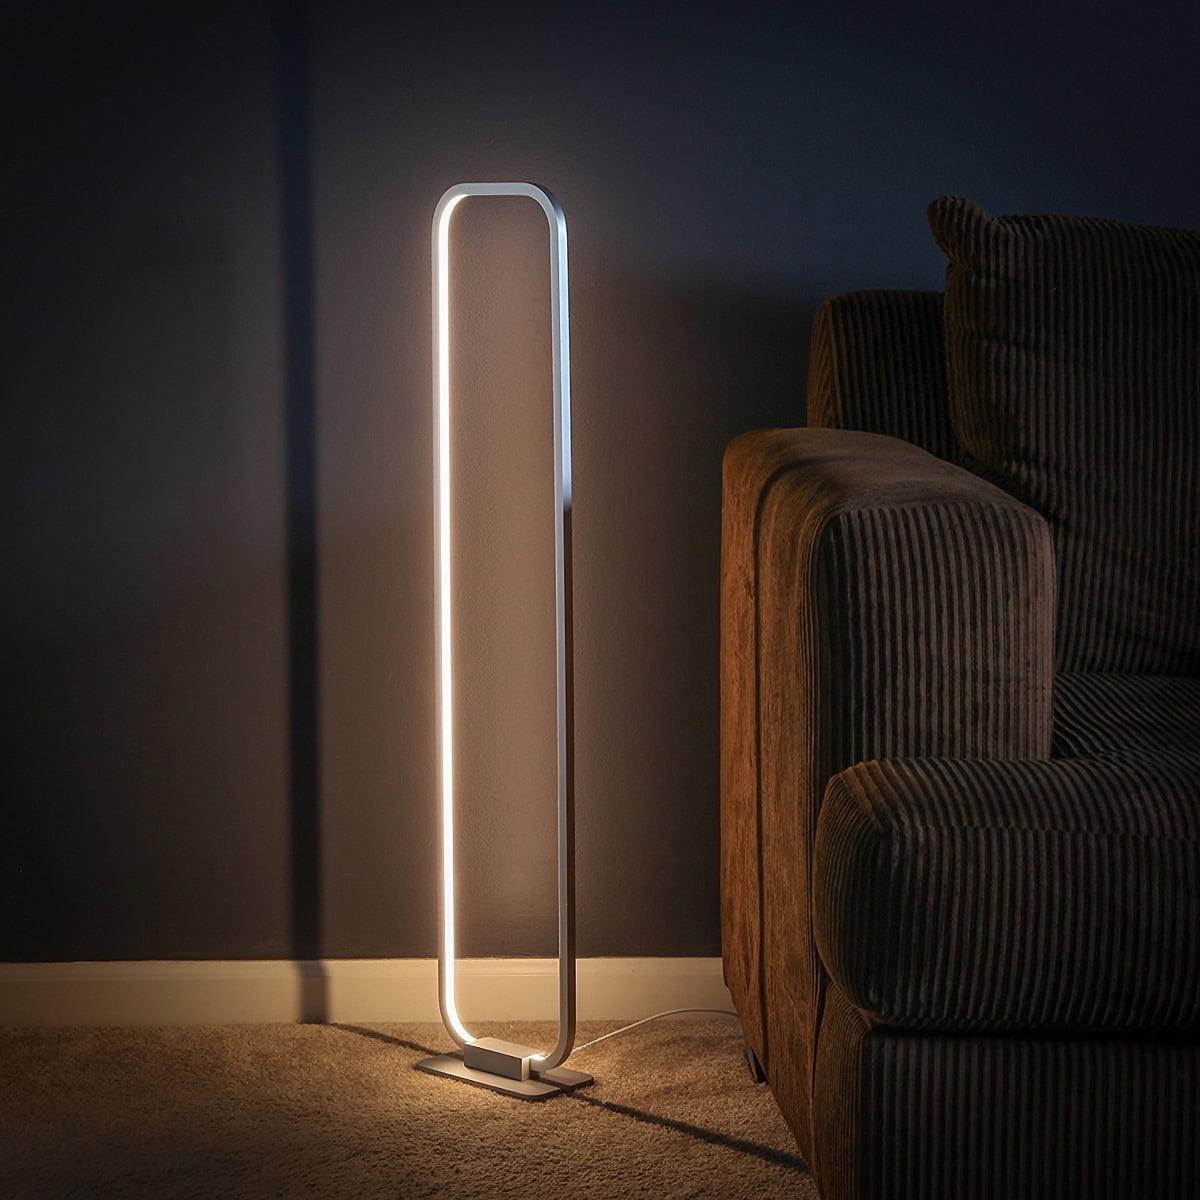 Дизайн интерьера с мягким и приятным освещением